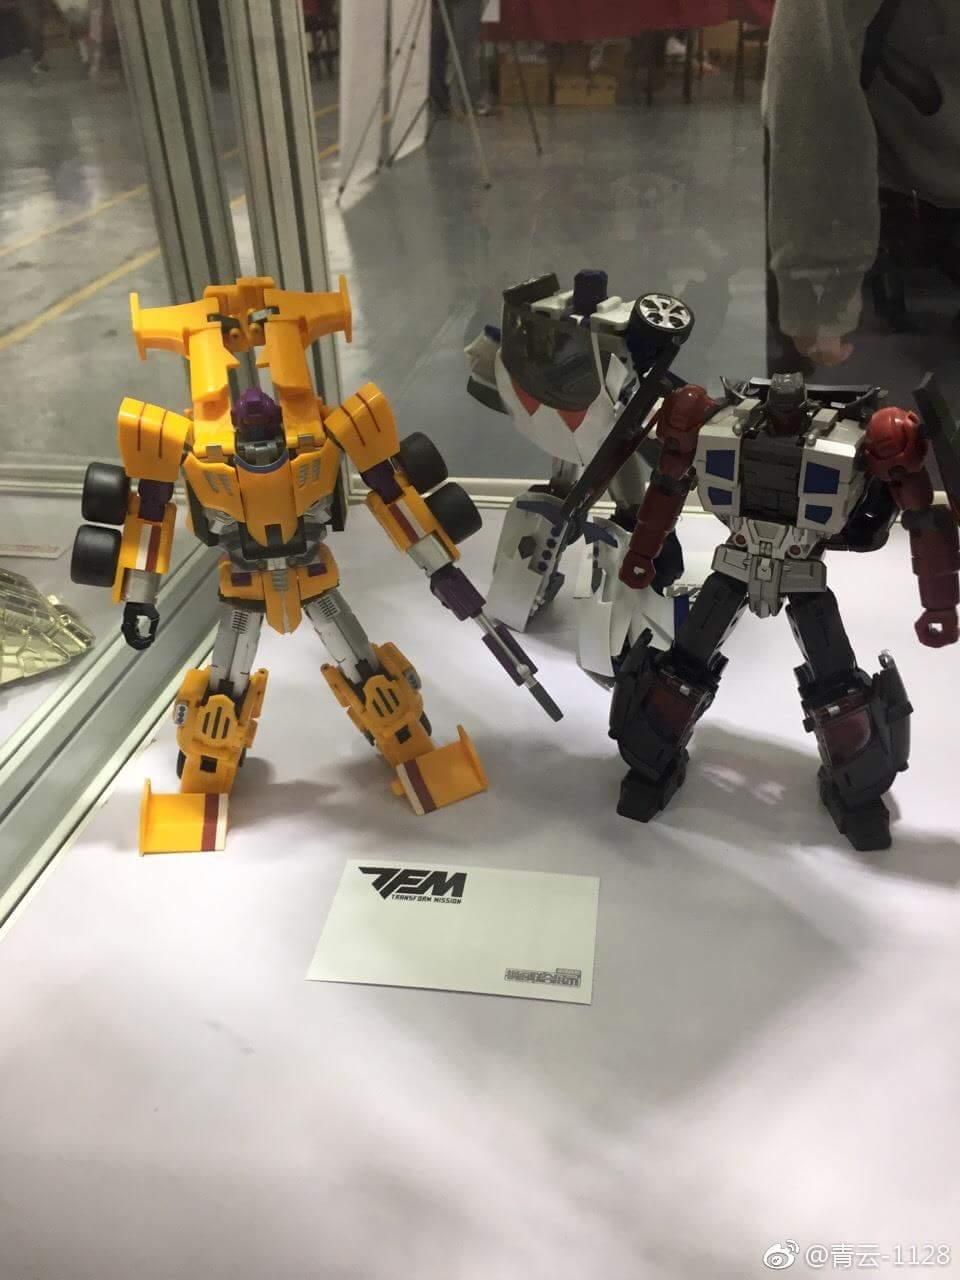 [Transform Mission] Produit Tiers - Jouet M-01 AutoSamurai - aka Menasor/Menaseur des BD IDW - Page 5 Vh4YCcKL